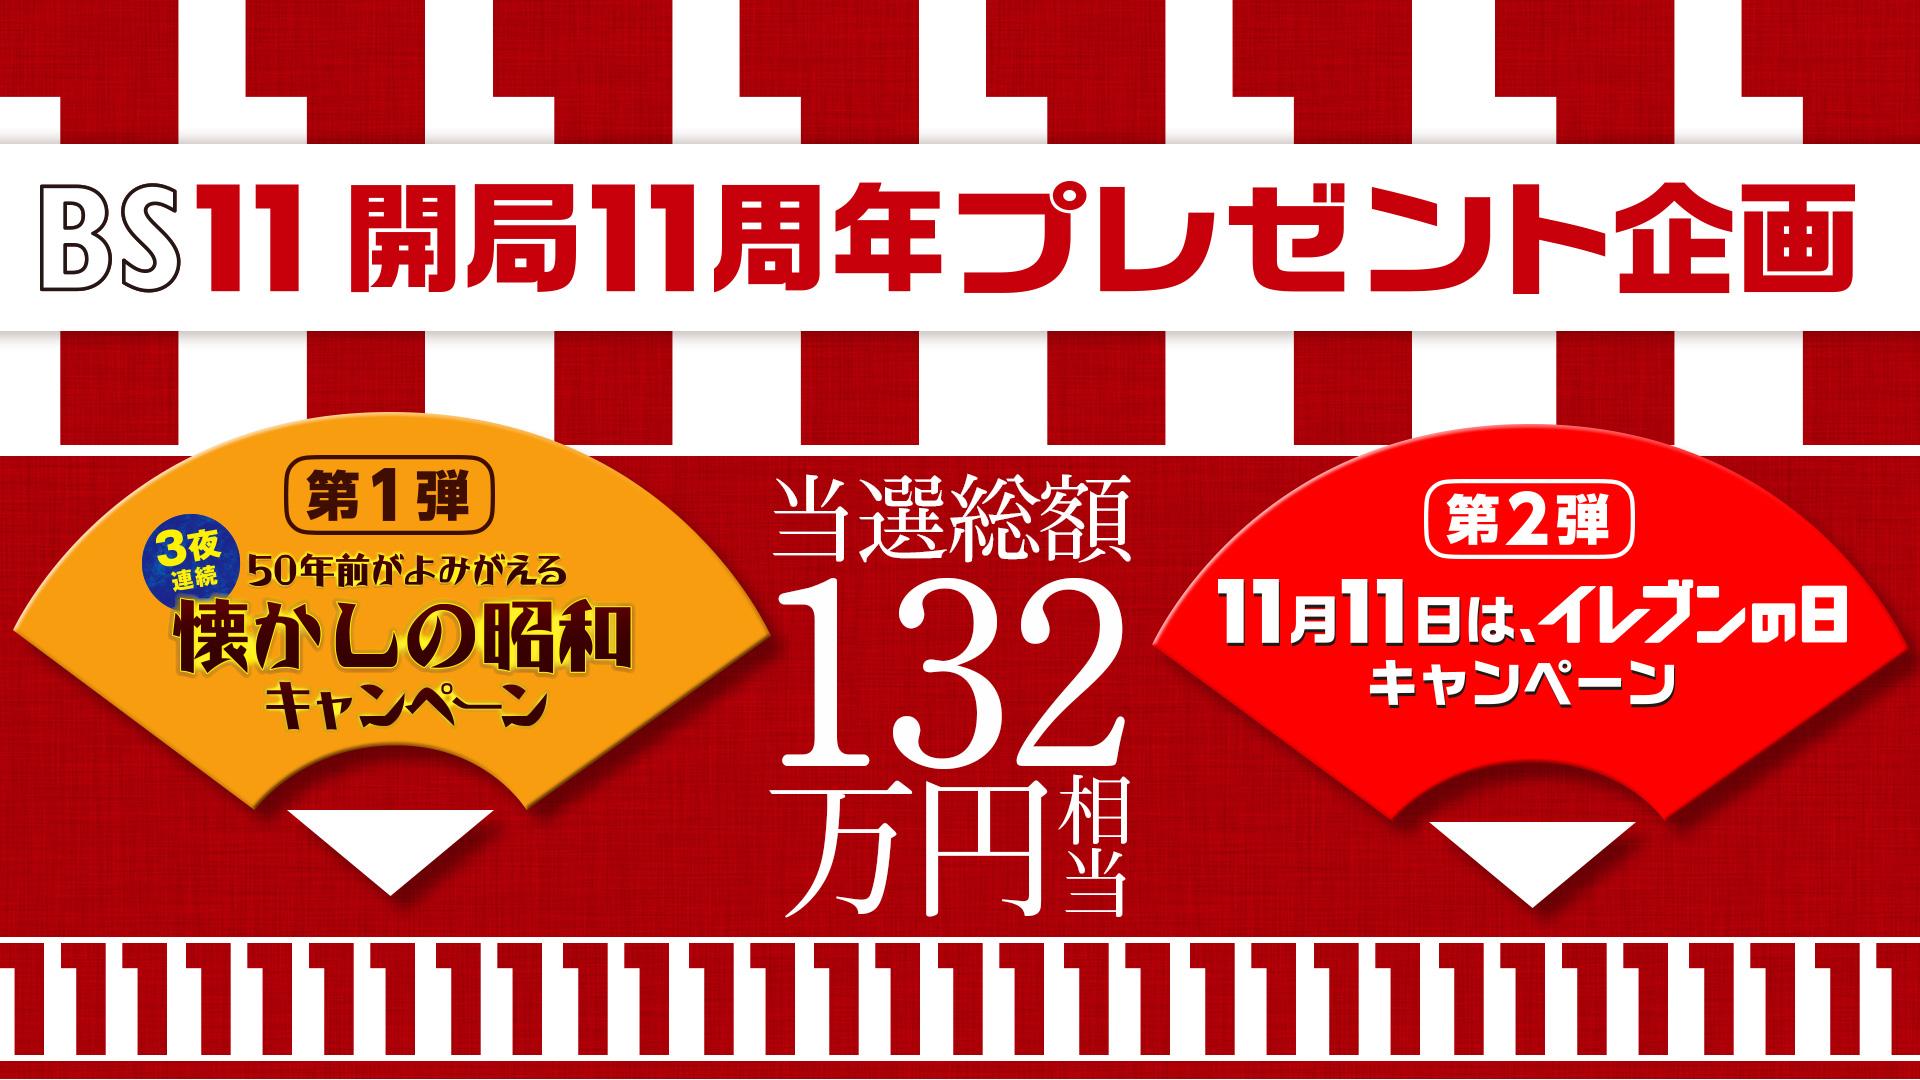 BS11 開局11周年プレゼント企画